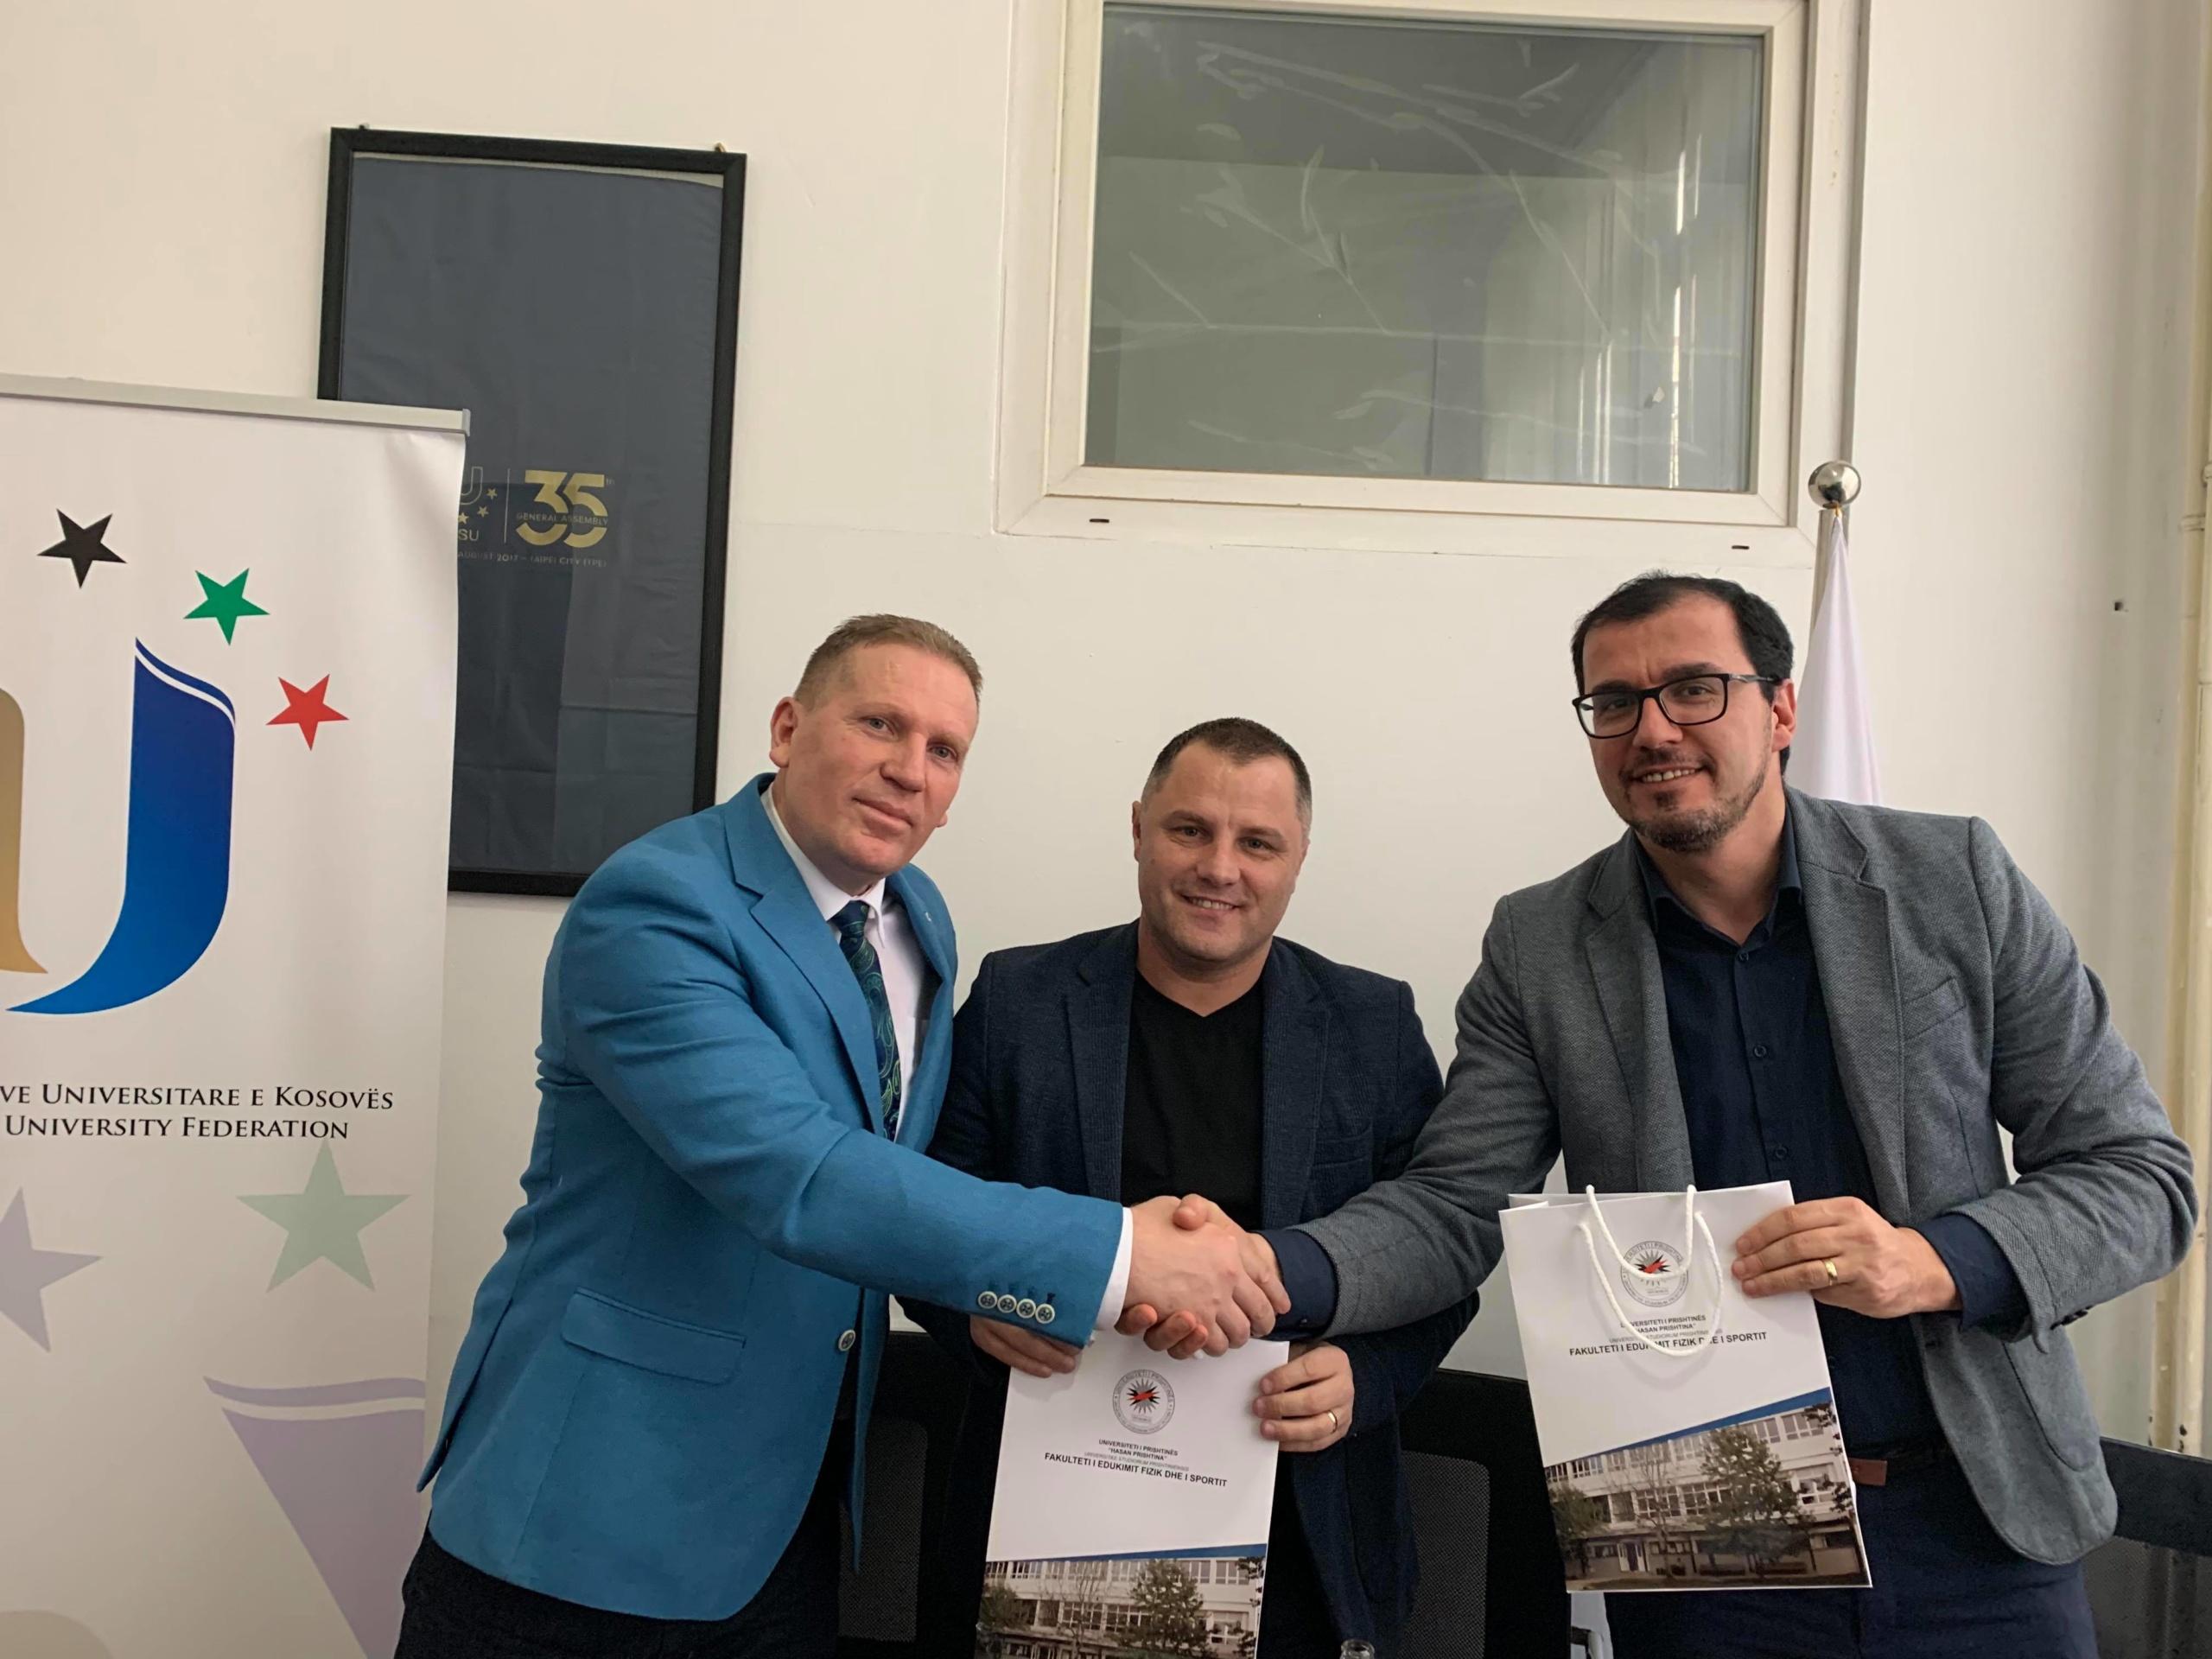 FSUNK-ja lidh memorandum të bashkëpunimit me Shoqatën e Gazetarëve Sportiv të Kosovës